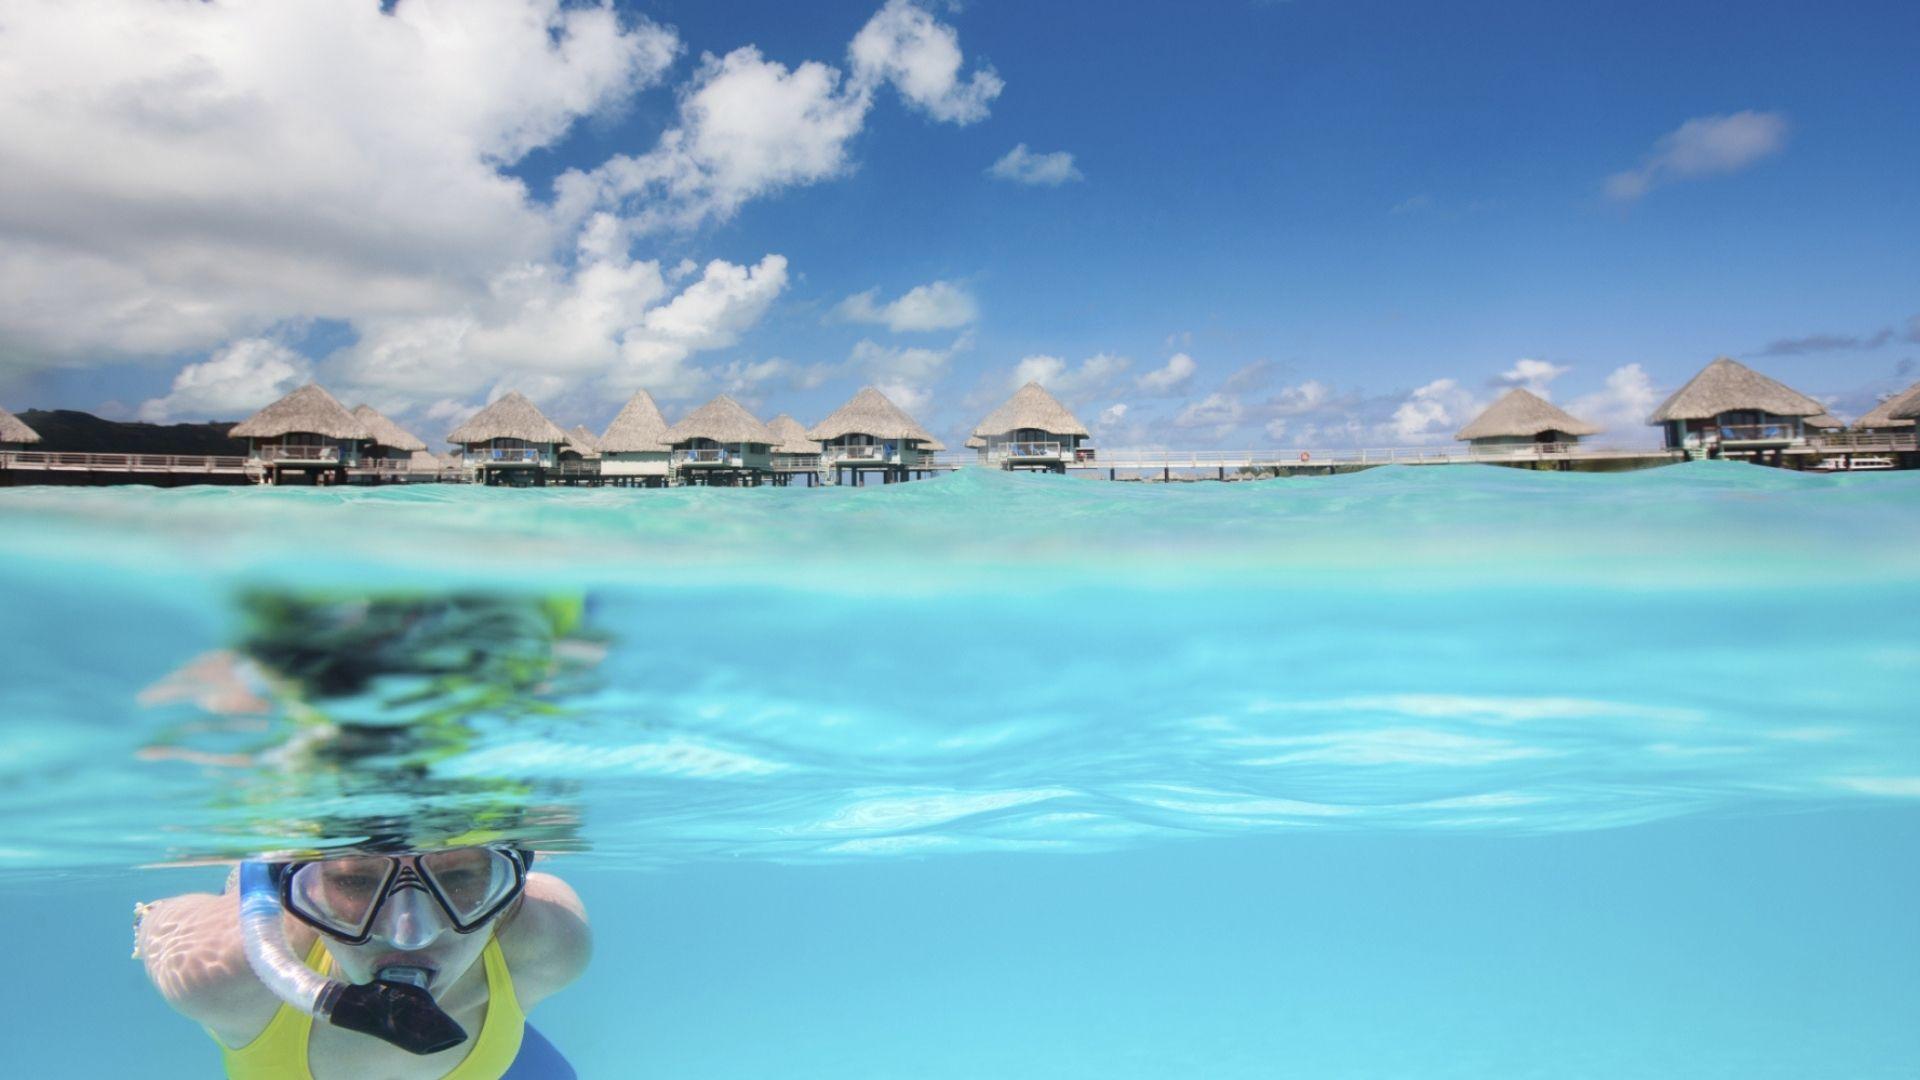 MALDIVAS RIU ATOLL